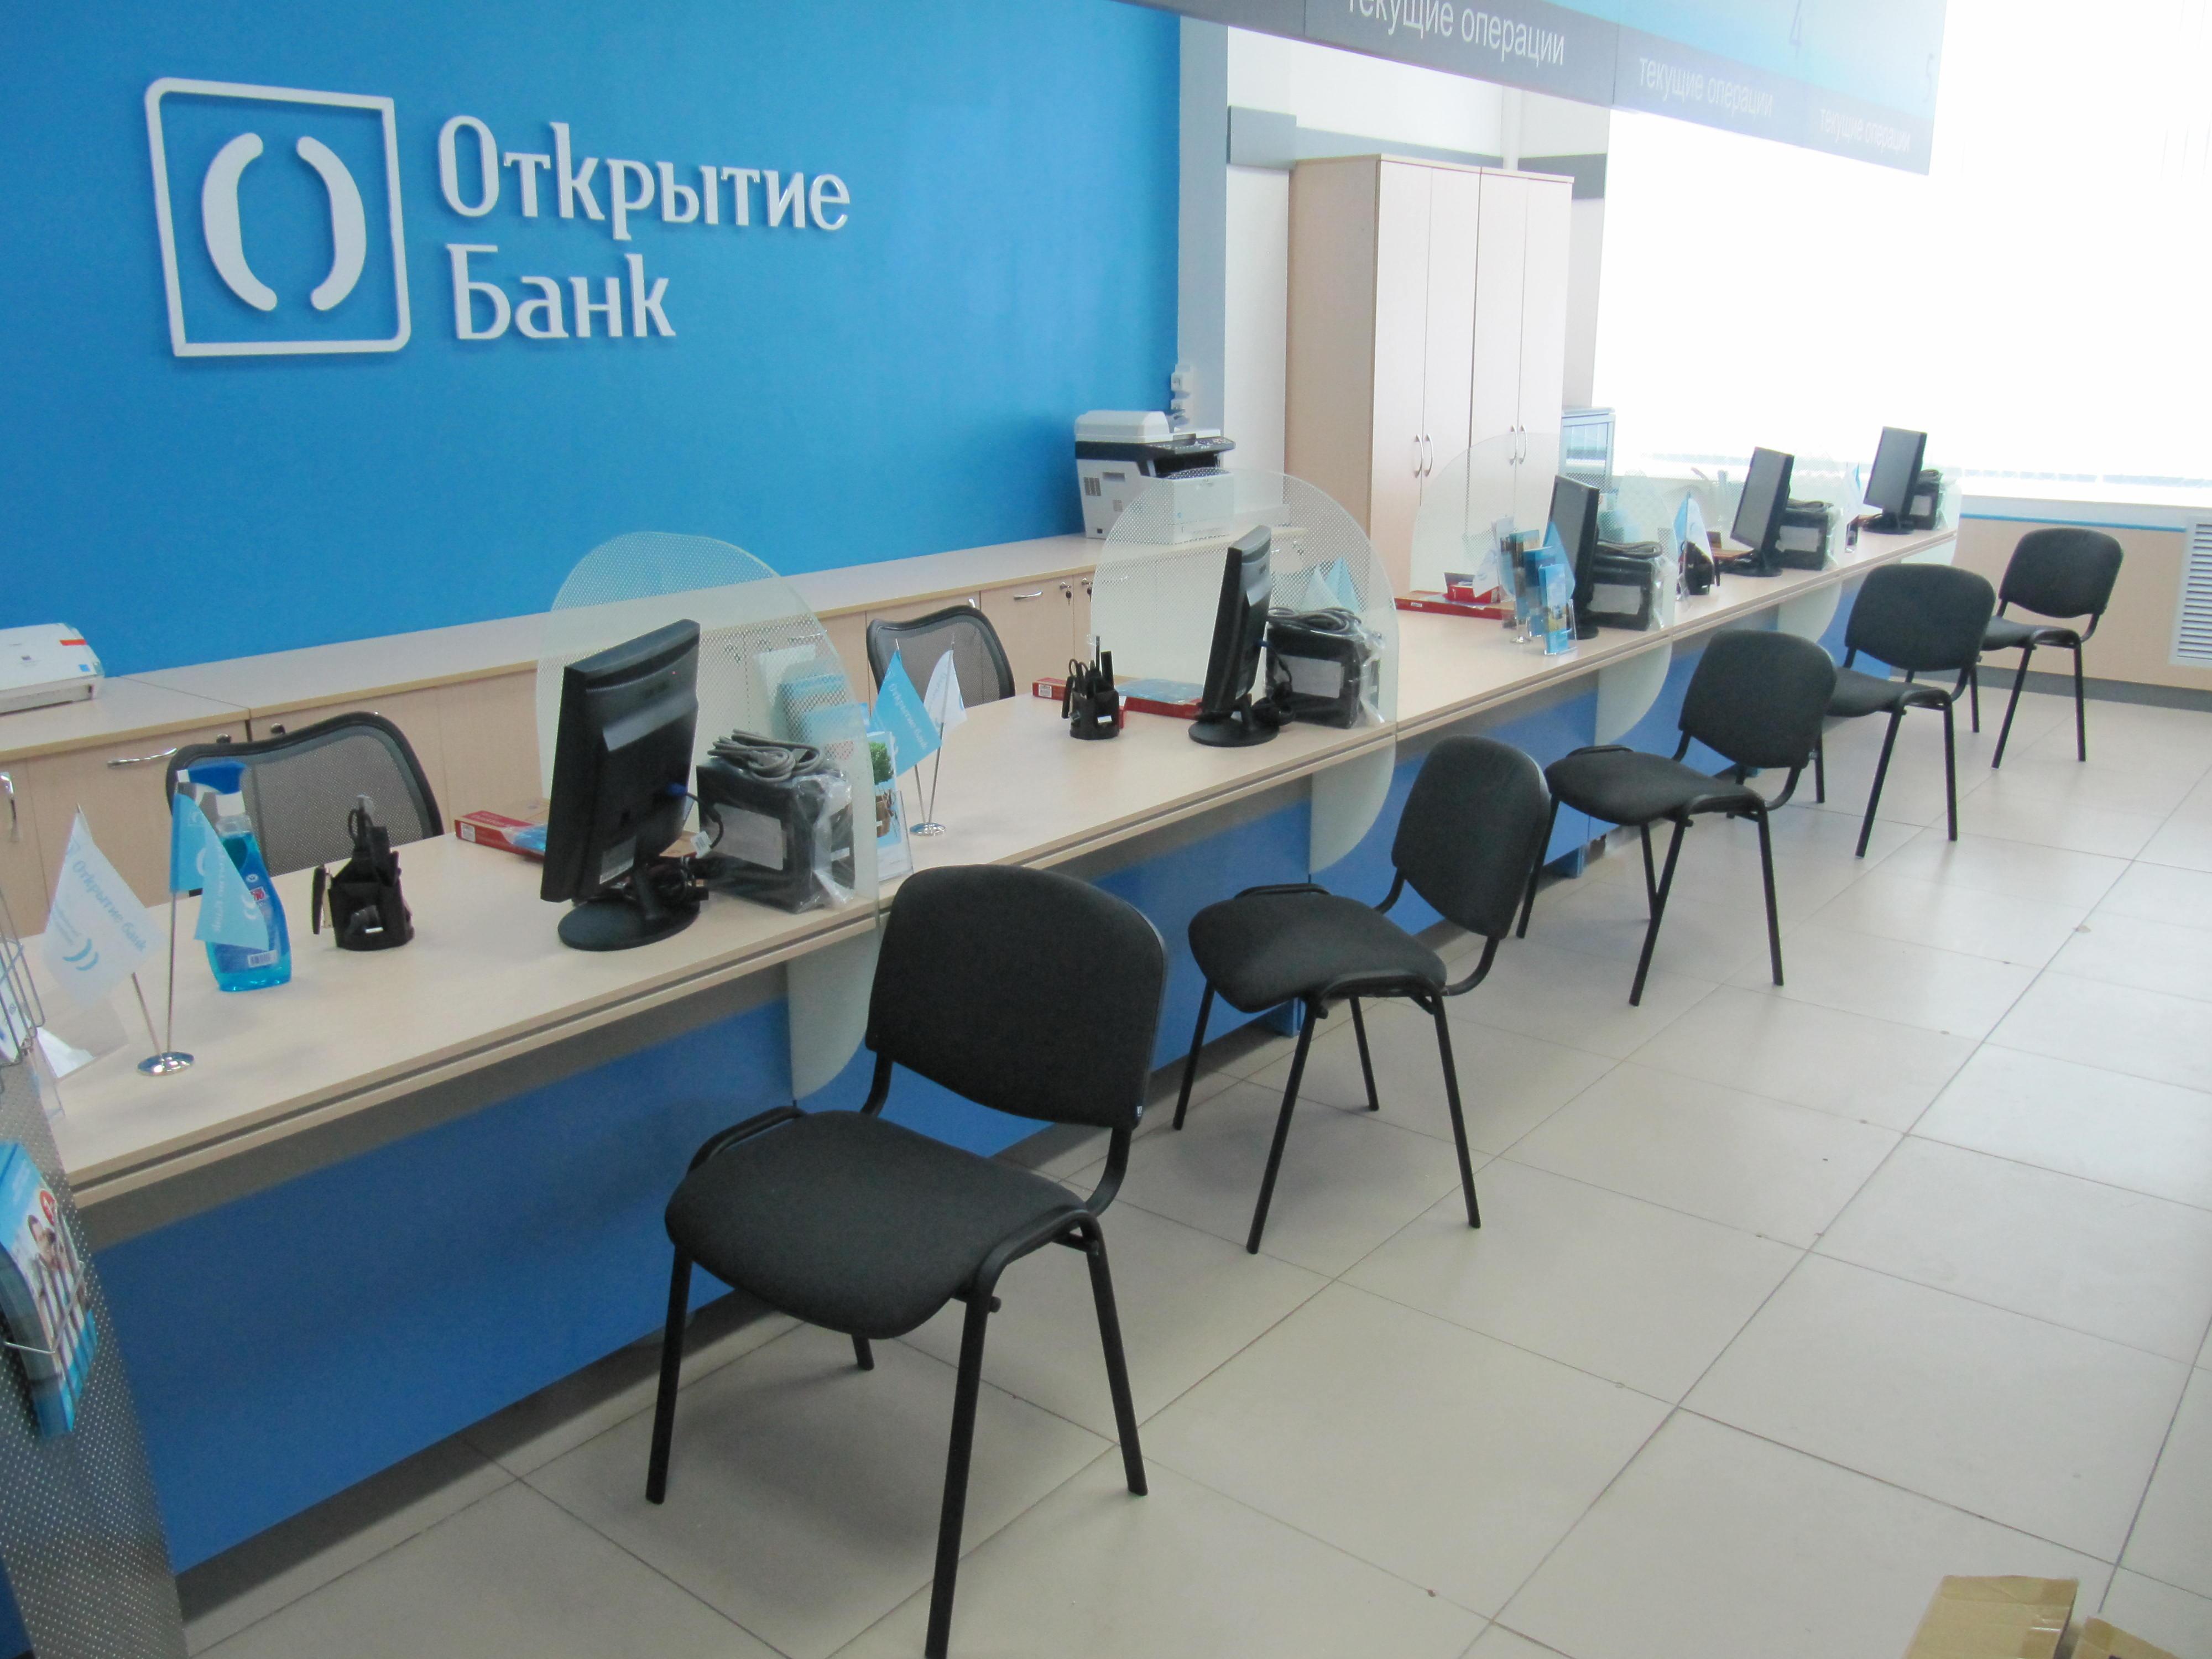 Сбербанк – кредитный калькулятор